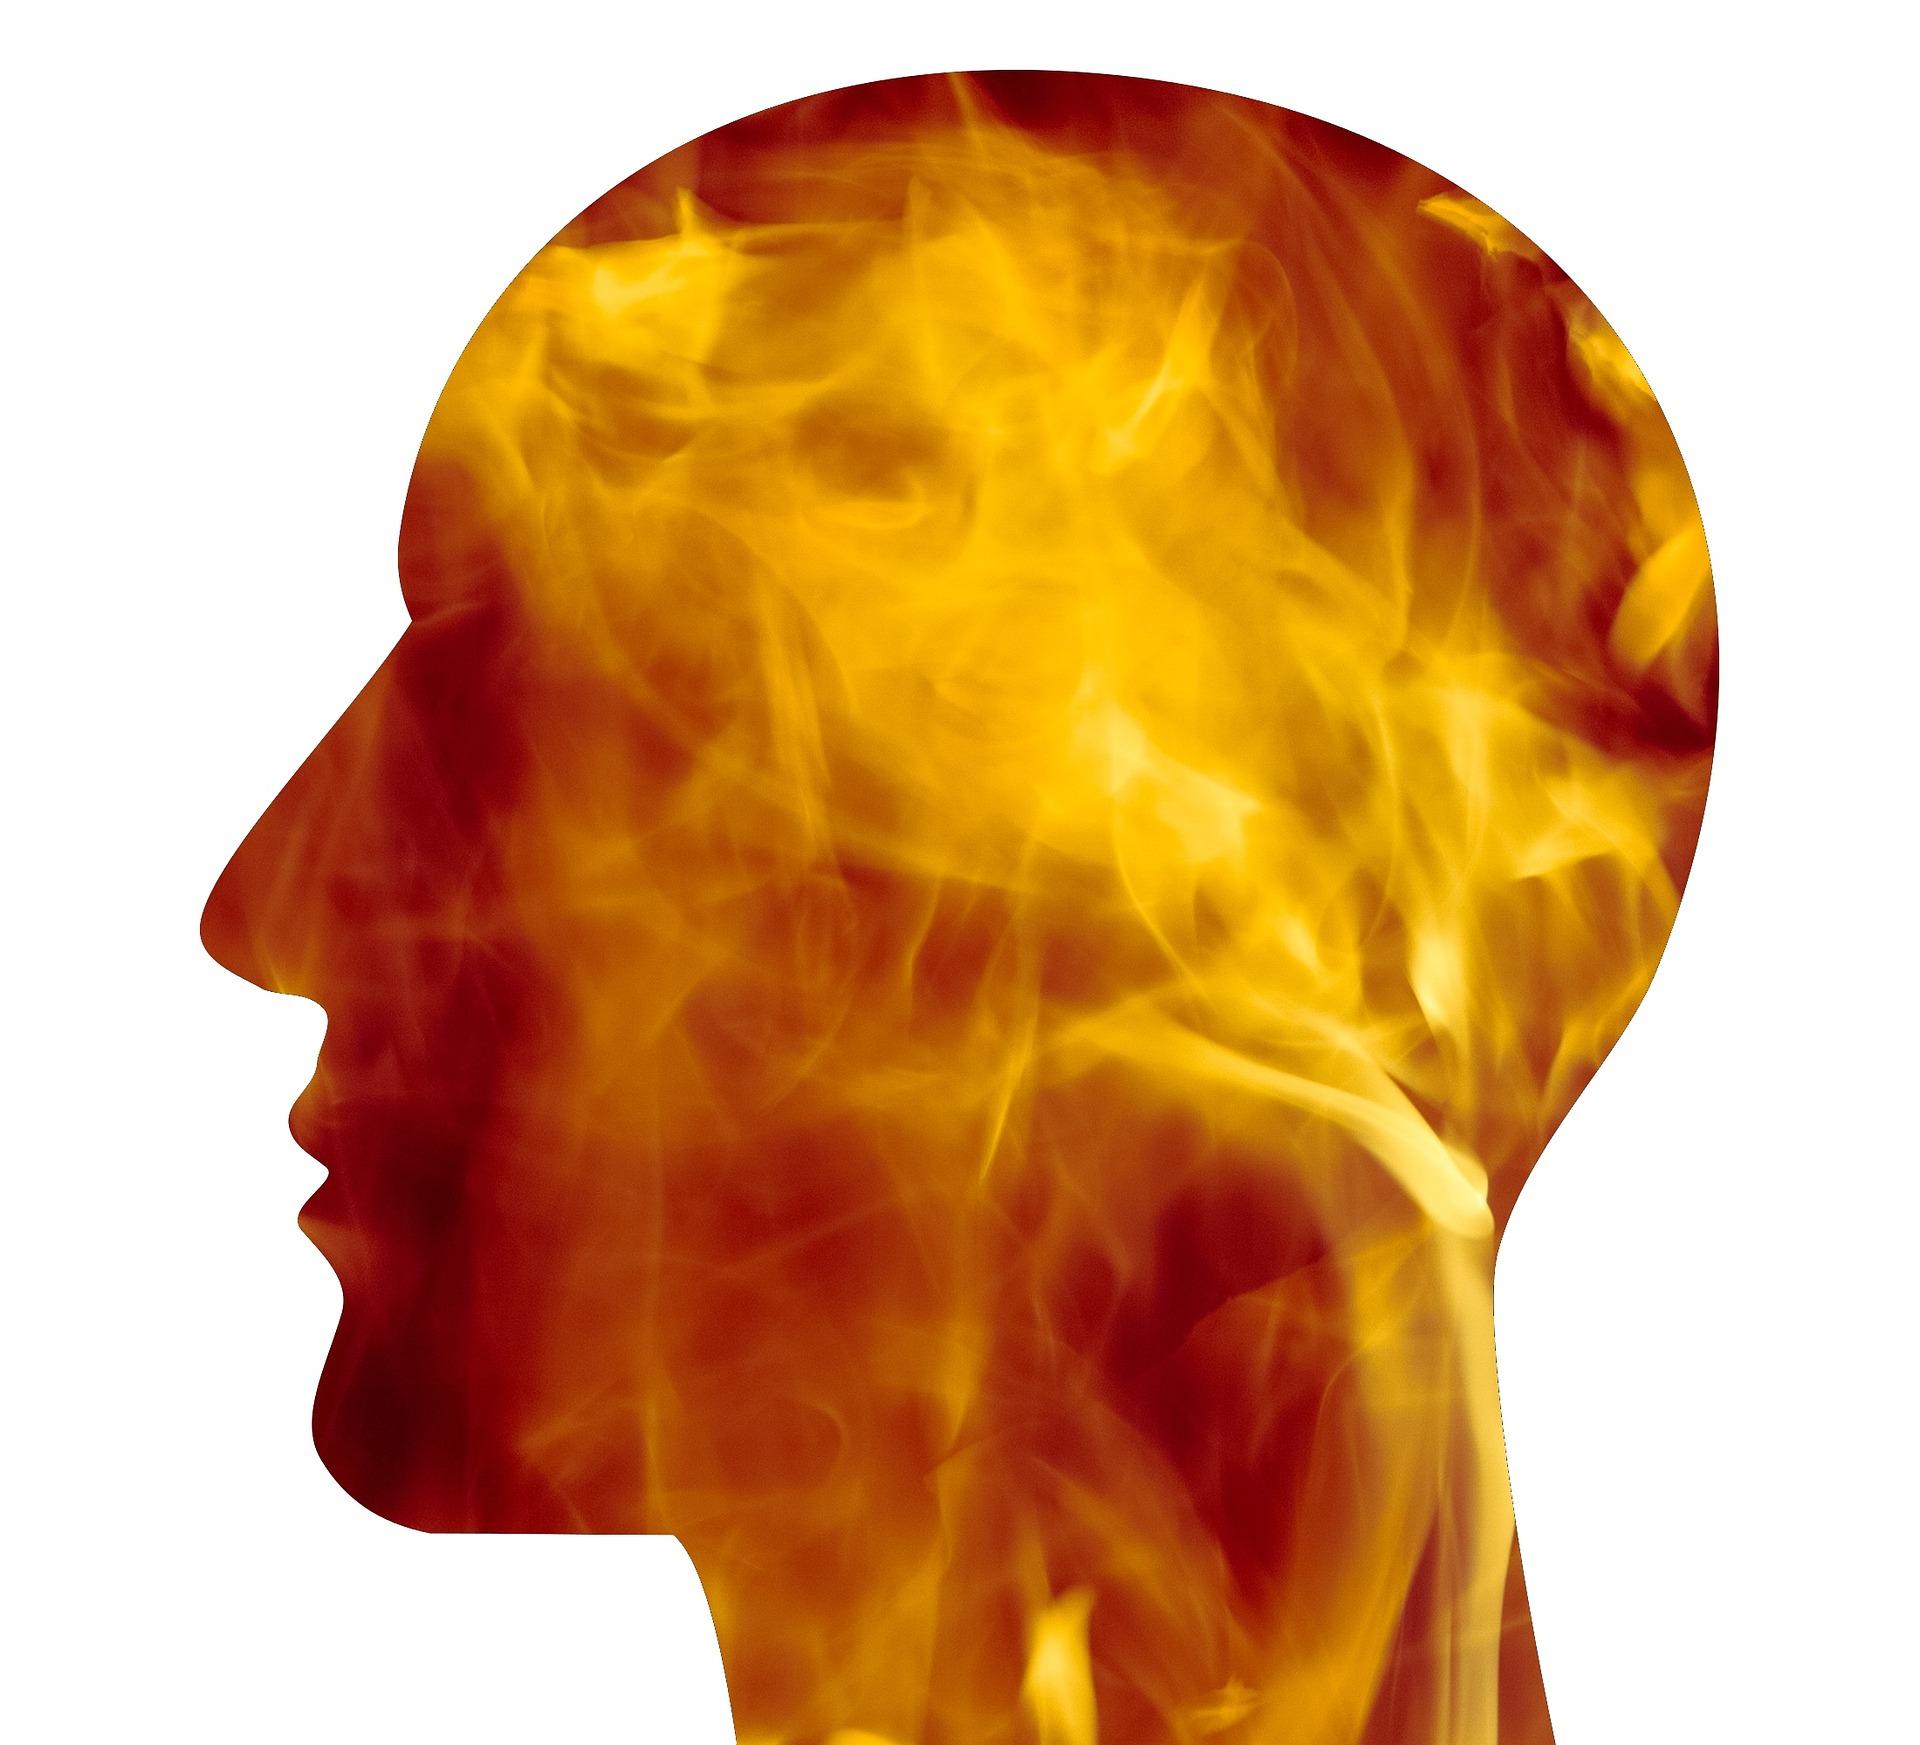 Råkat ut för huvudvärk? Här är lösningen på dina problem!